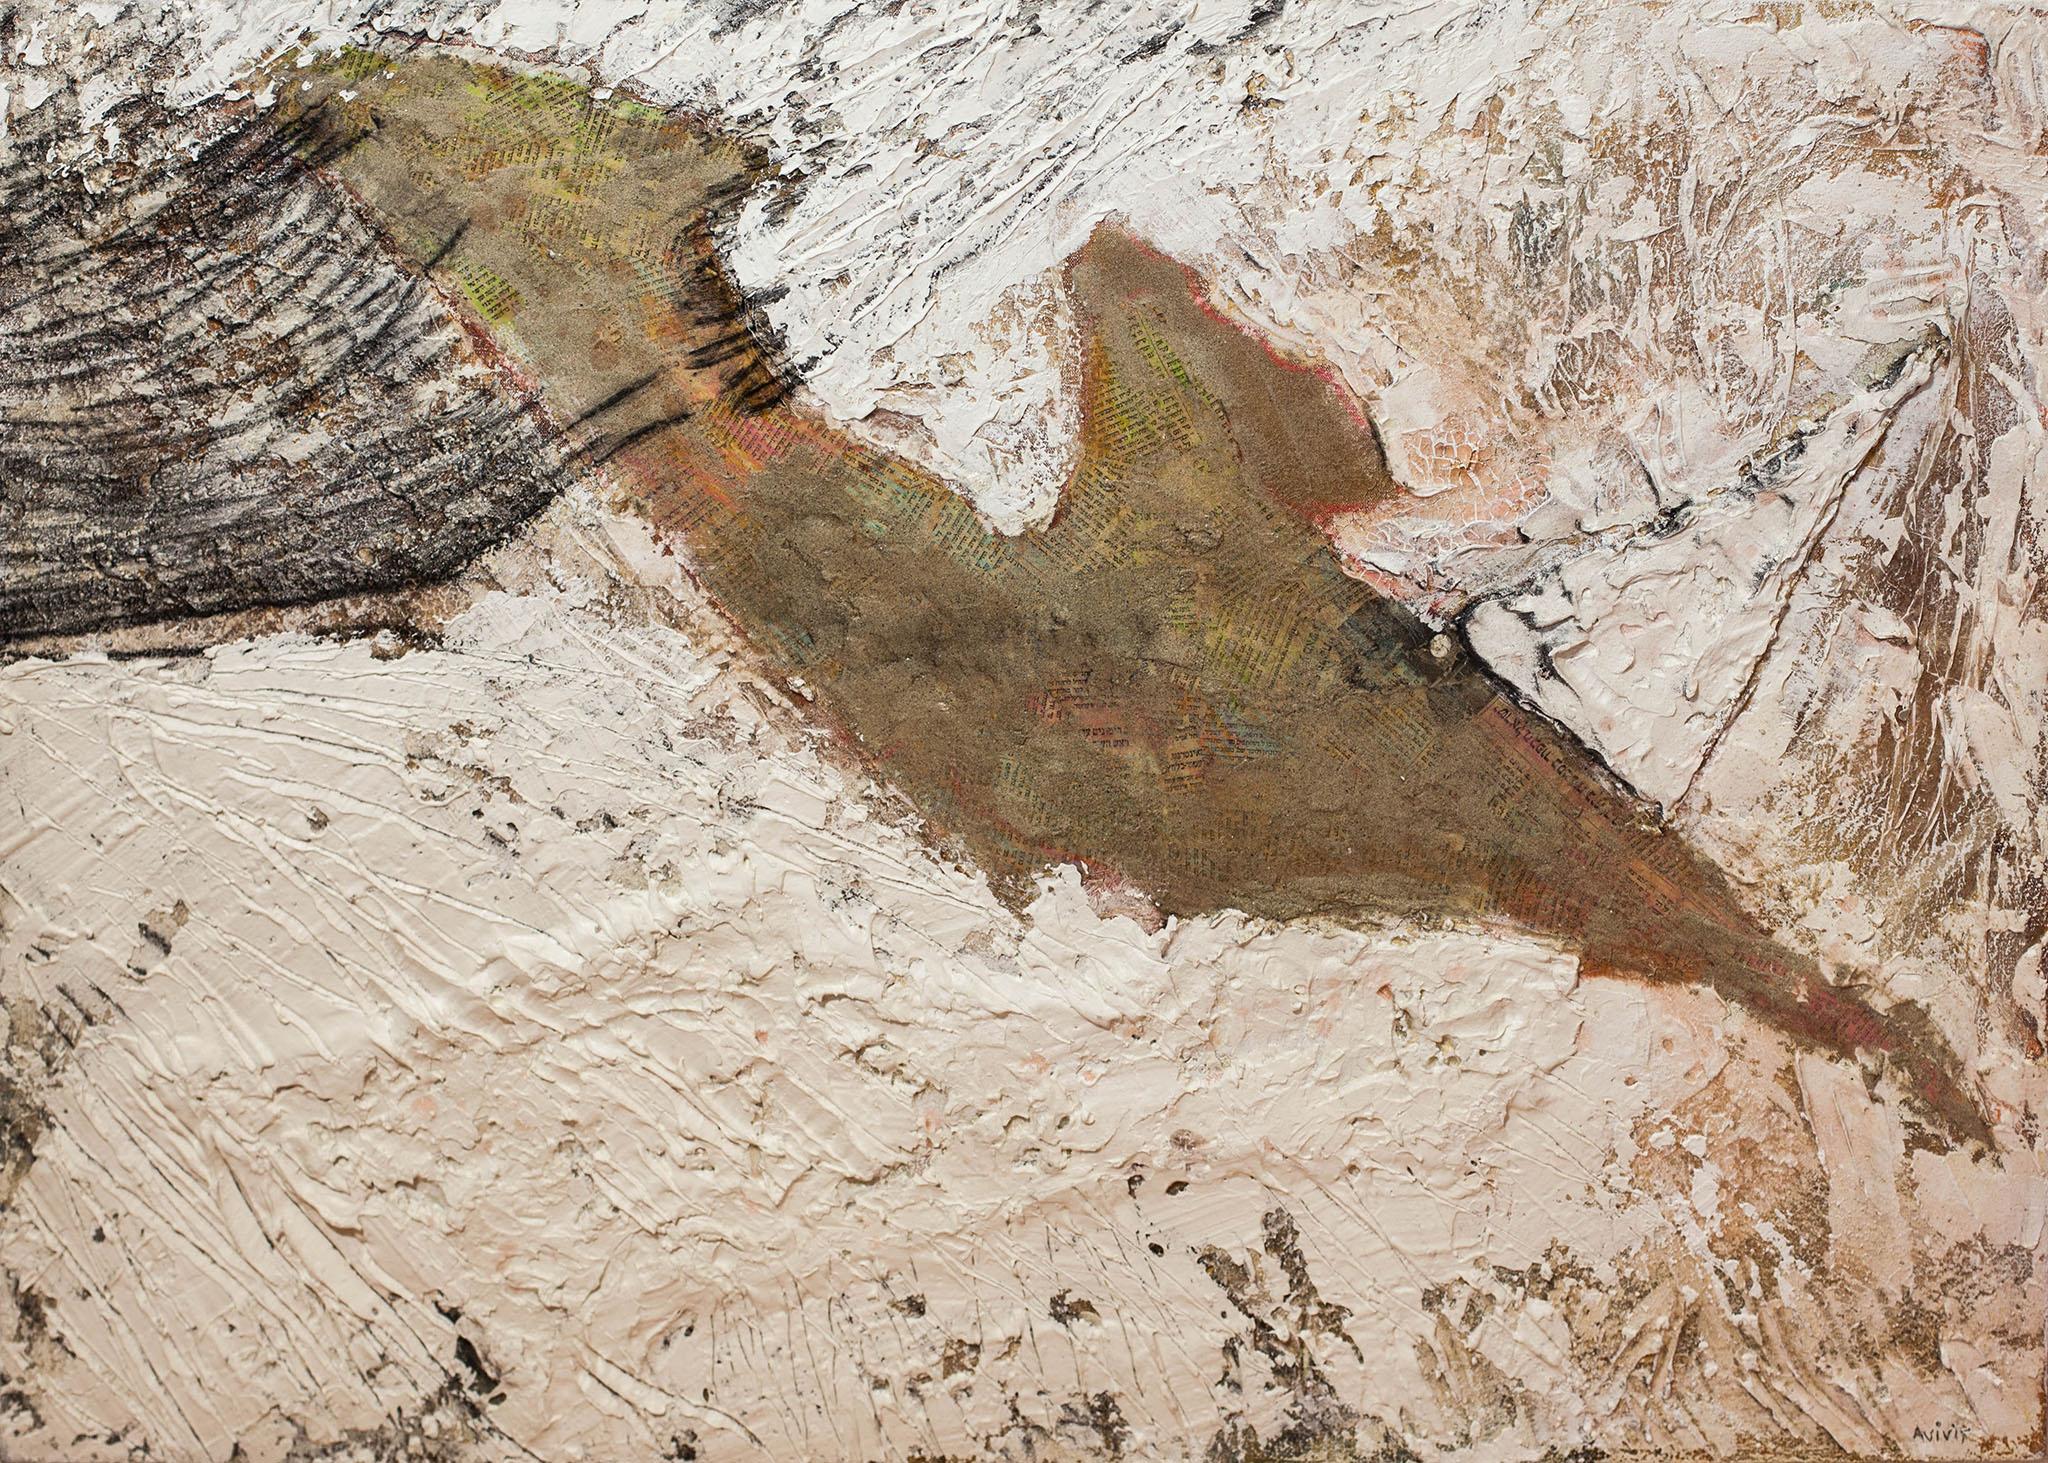 """אביבית בלס ברנס, """"שביל באמצע"""", 2005, אקריליק, קולאז' וטכניקה מעורבת על בד, 75x105 ס""""מ"""